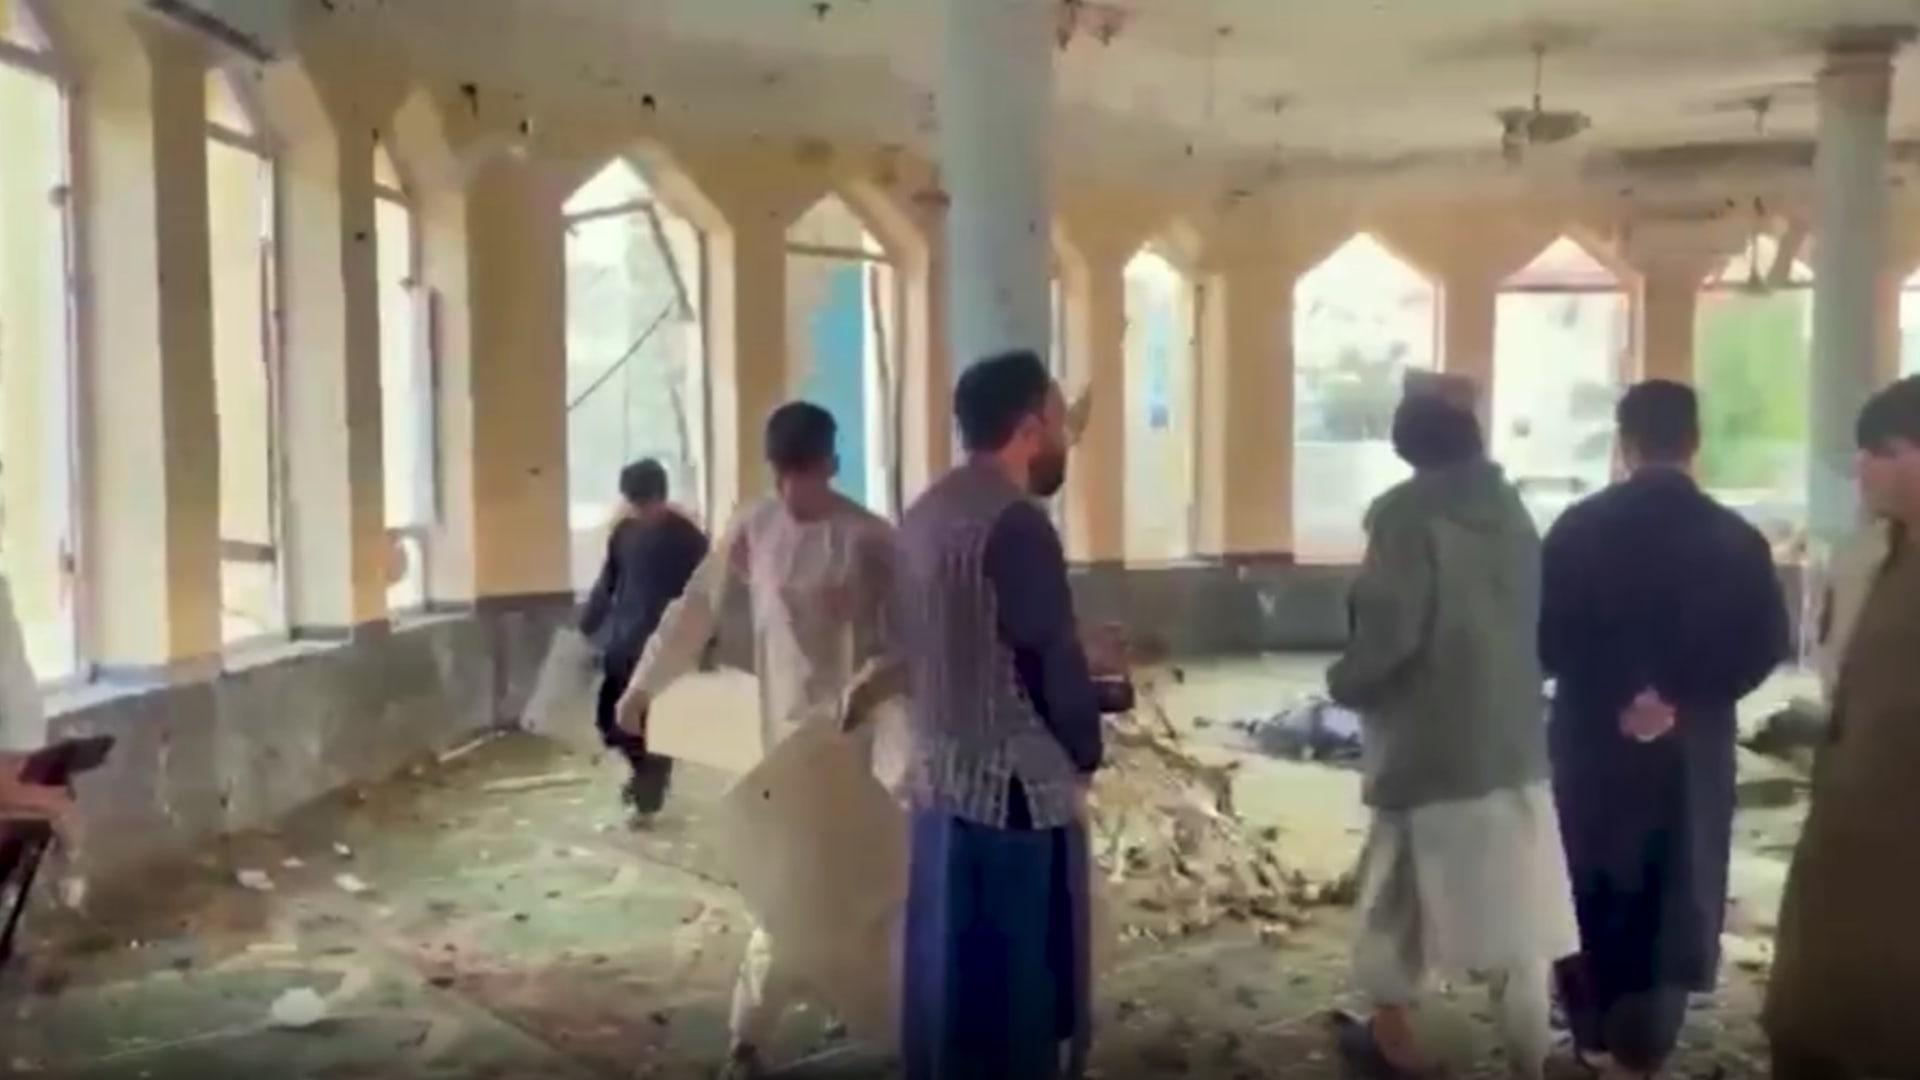 بعد مقتل عشرات المصلين في مسجد بأفغانستان.. هل يهدد داعش حكم طالبان؟ thumbnail